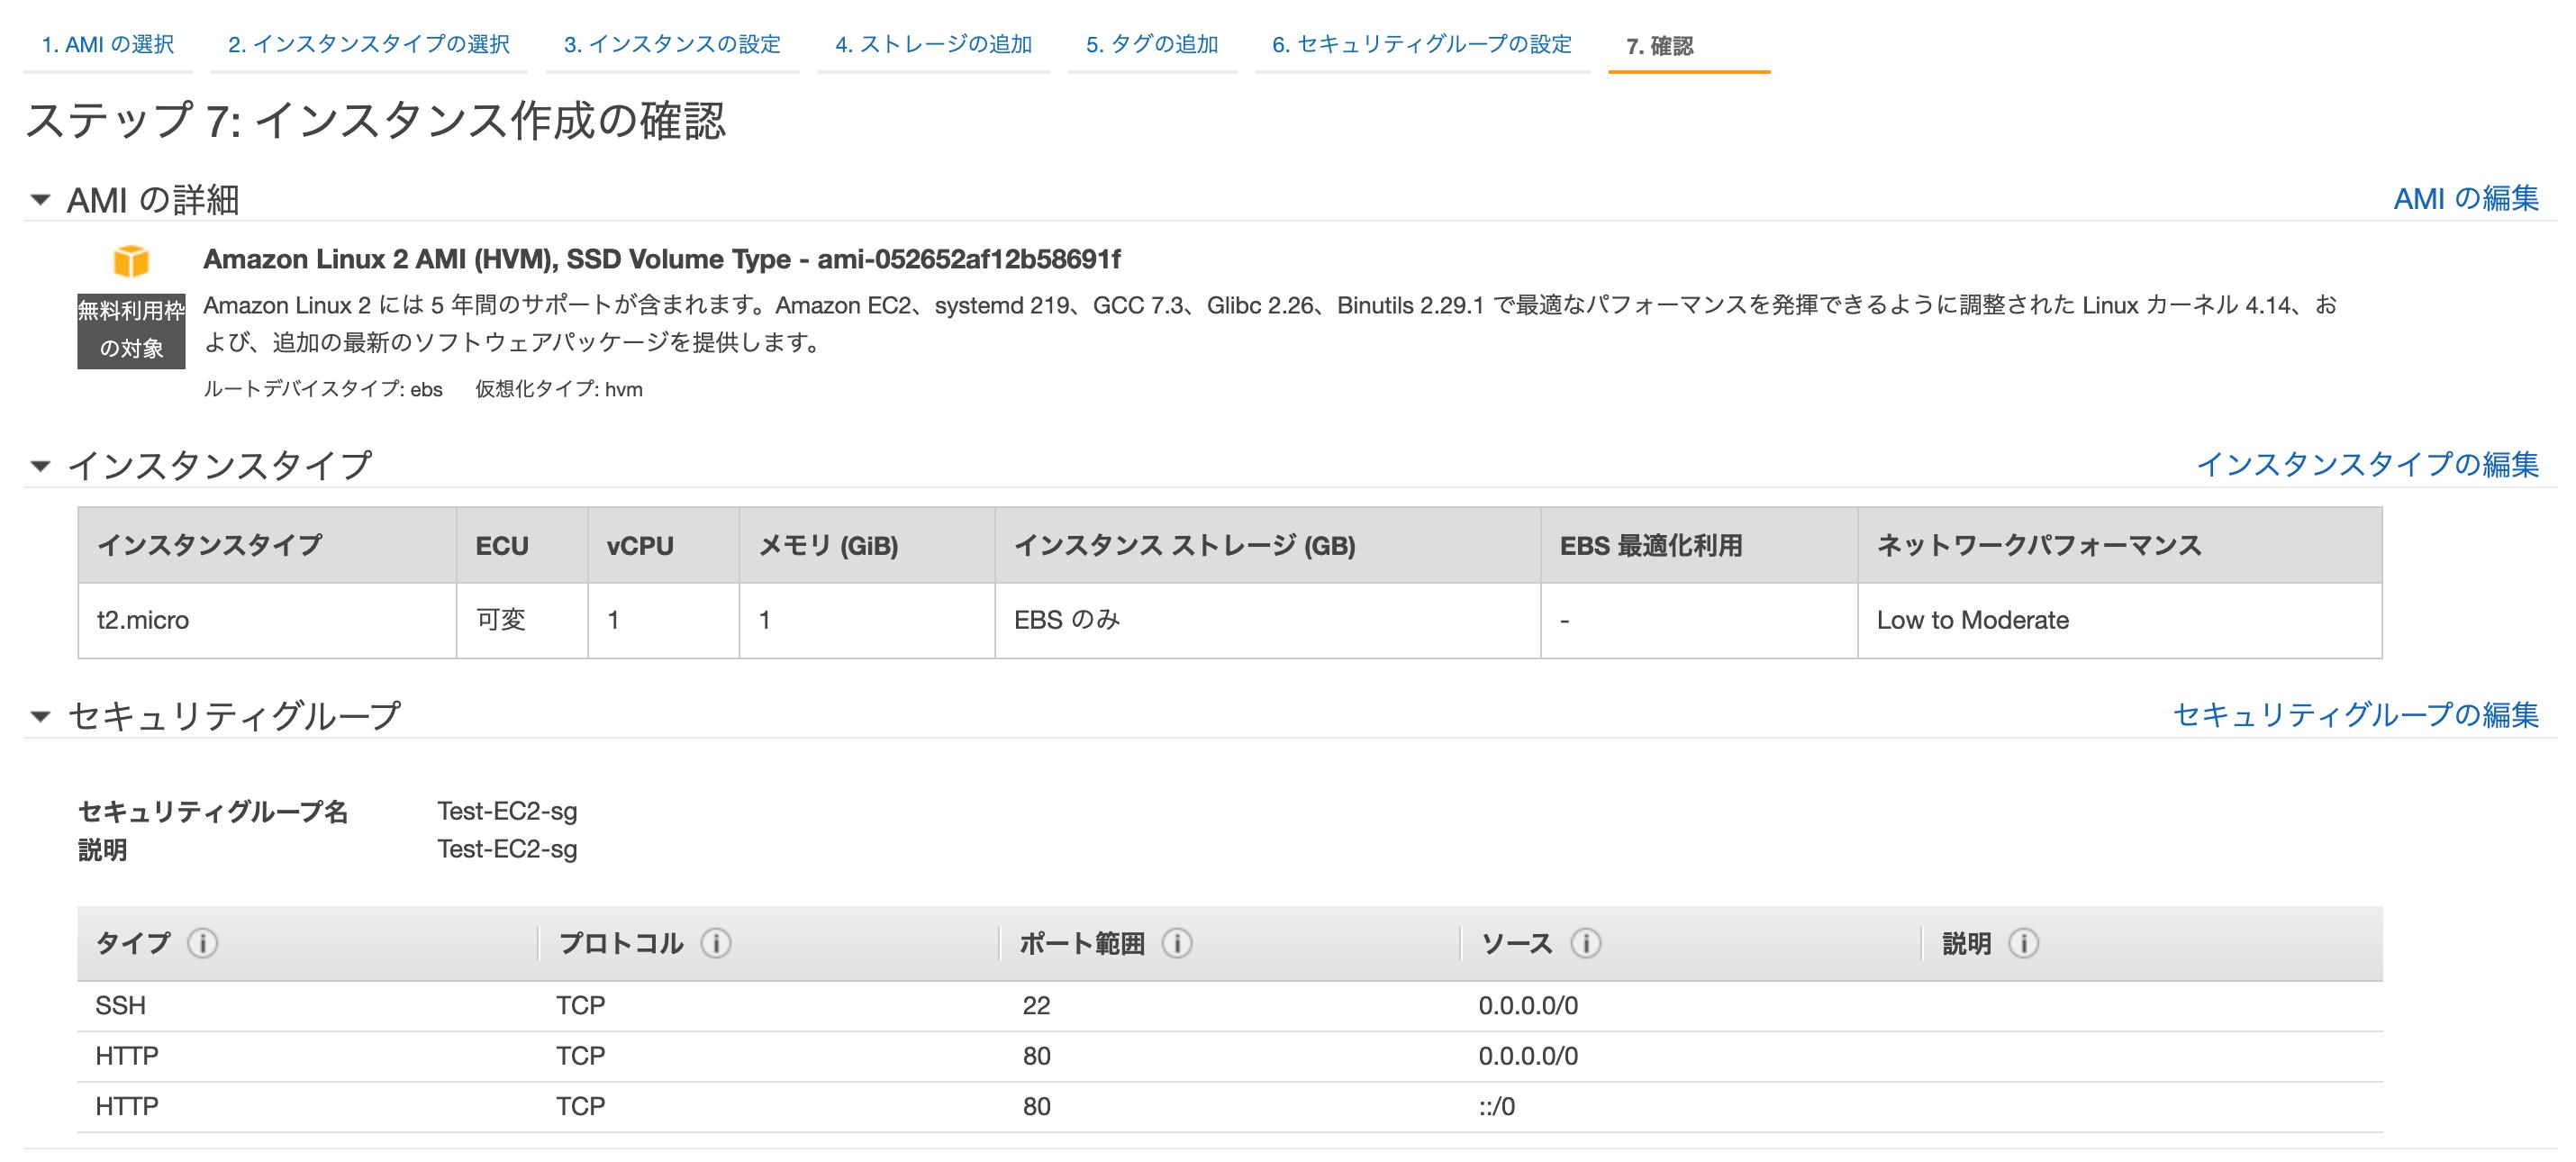 スクリーンショット 2020-03-18 19.29.01.png